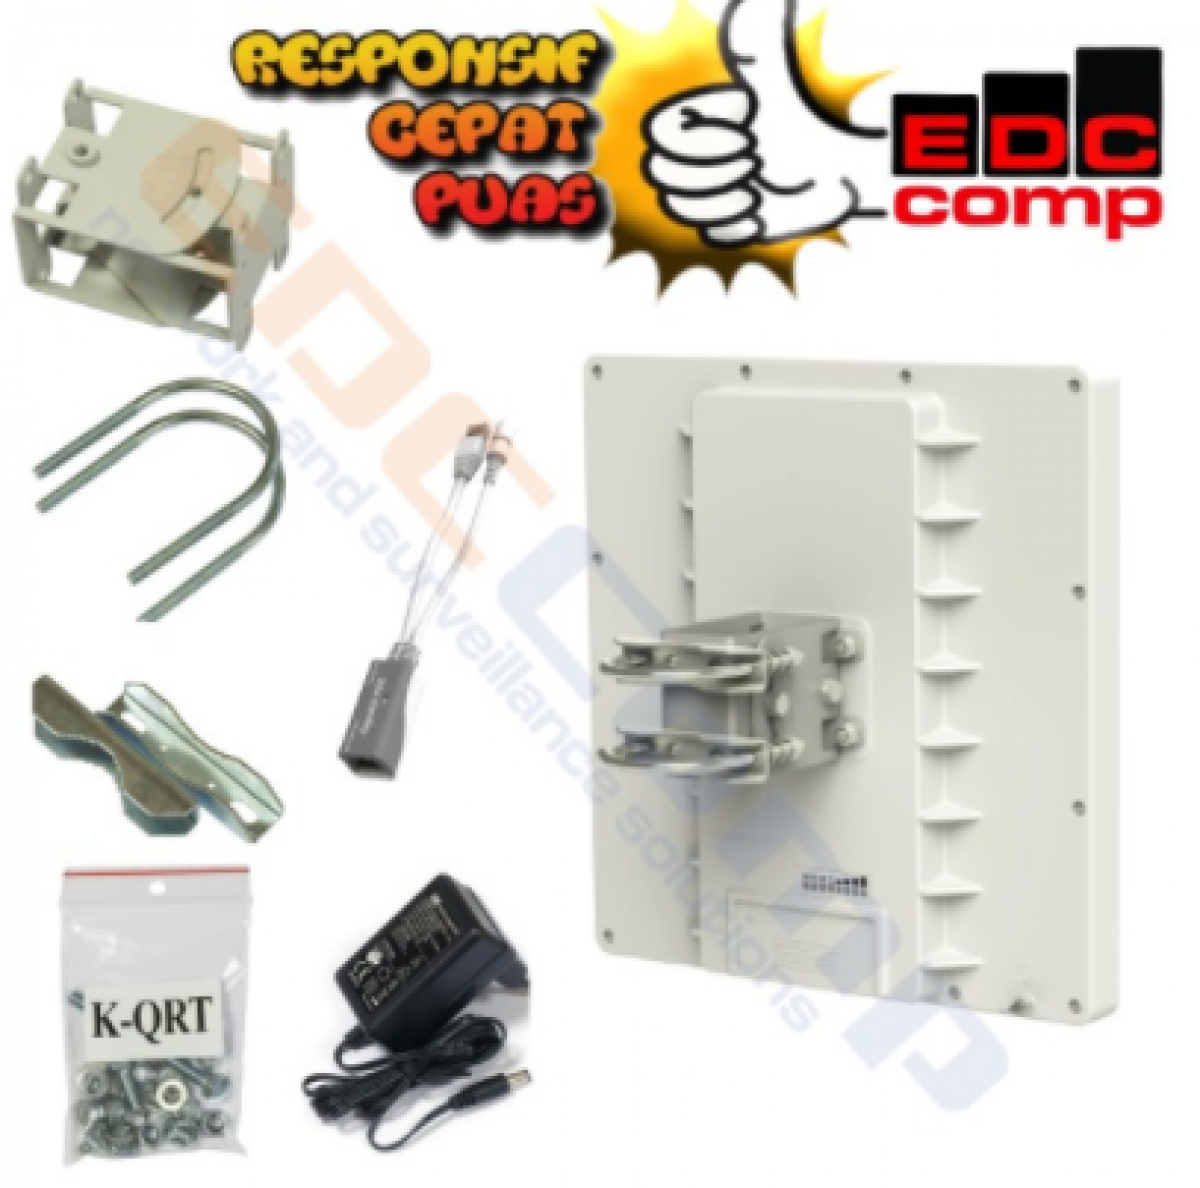 Mikrotik RB911G-5HPnD-QRT QRT-5 - EdcComp